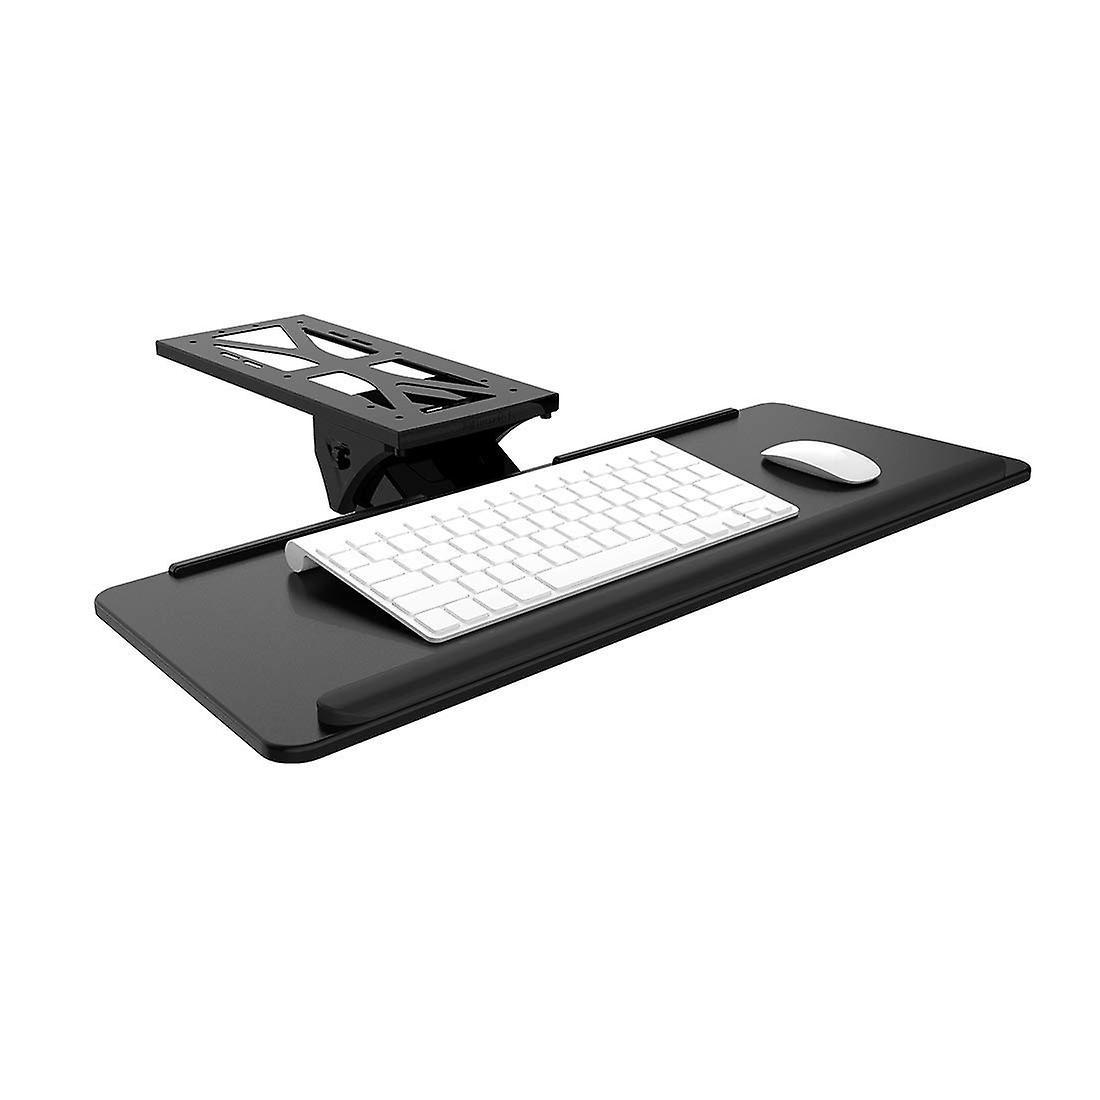 Flexispot ergonomische computer toetsenbord lade voor onder-Bureau met negatief kantelen